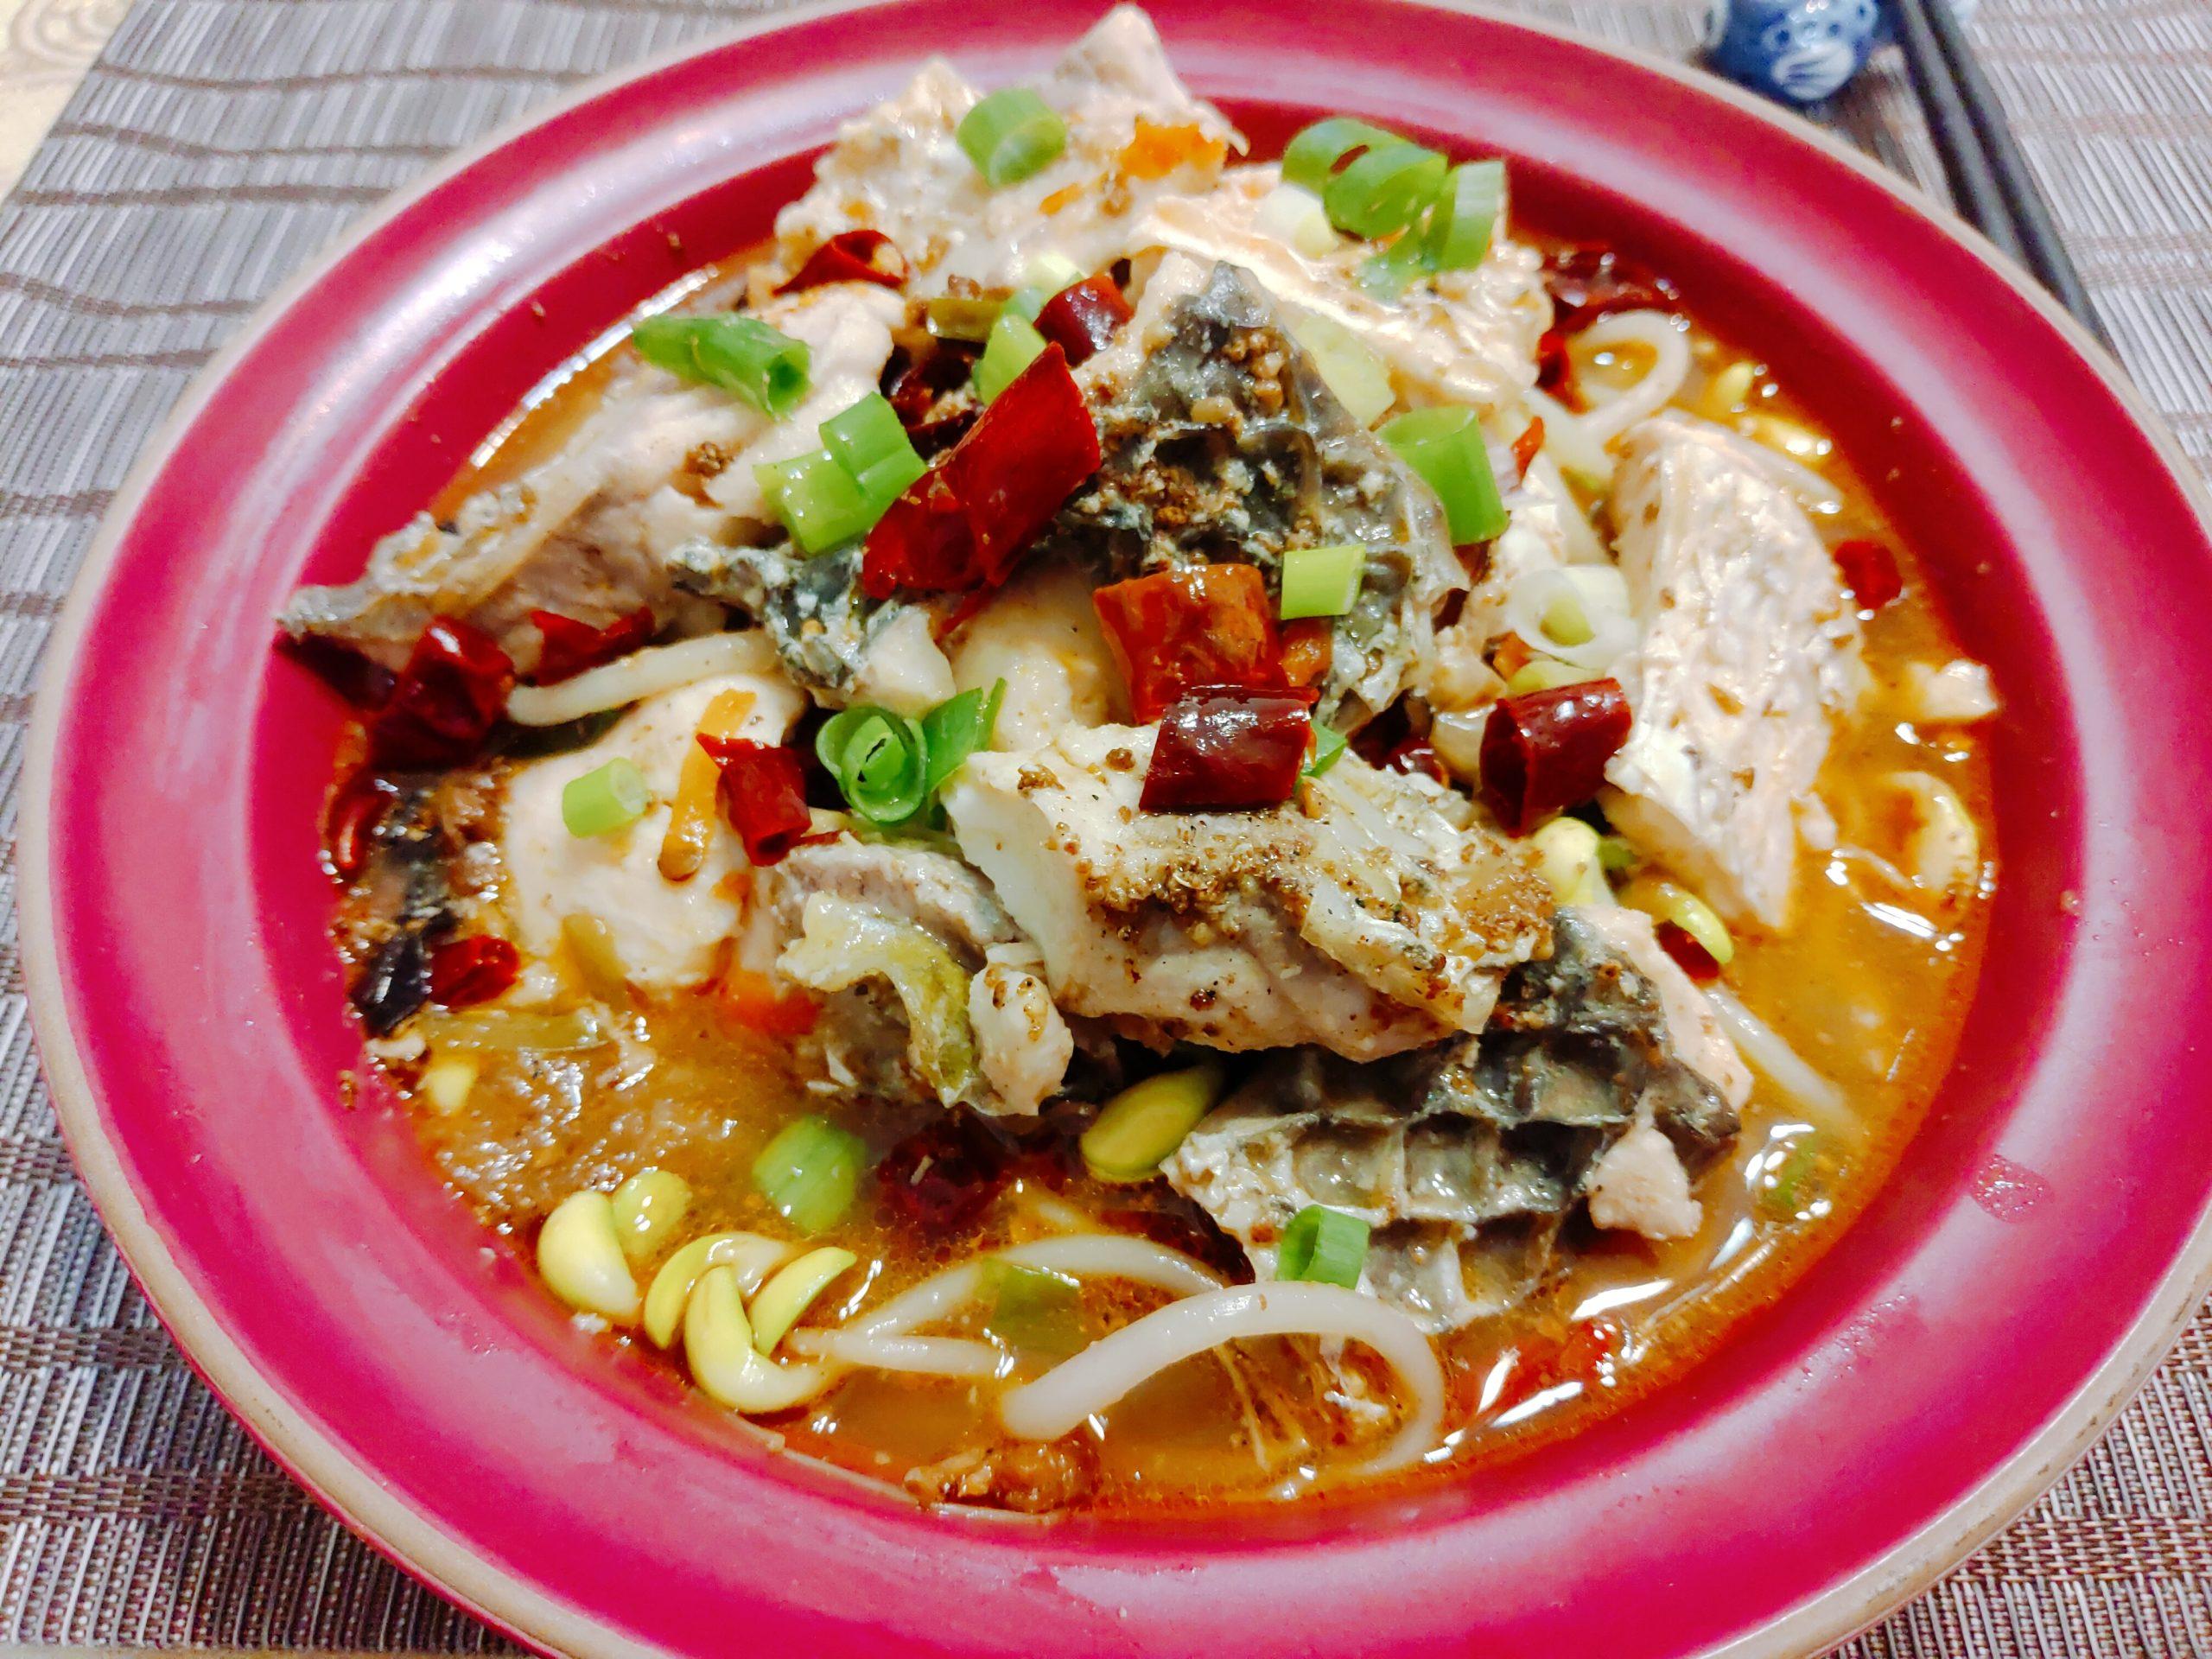 【食譜】麻辣水煮魚|川菜也能在家輕鬆做,魚片超嫩令人陶醉